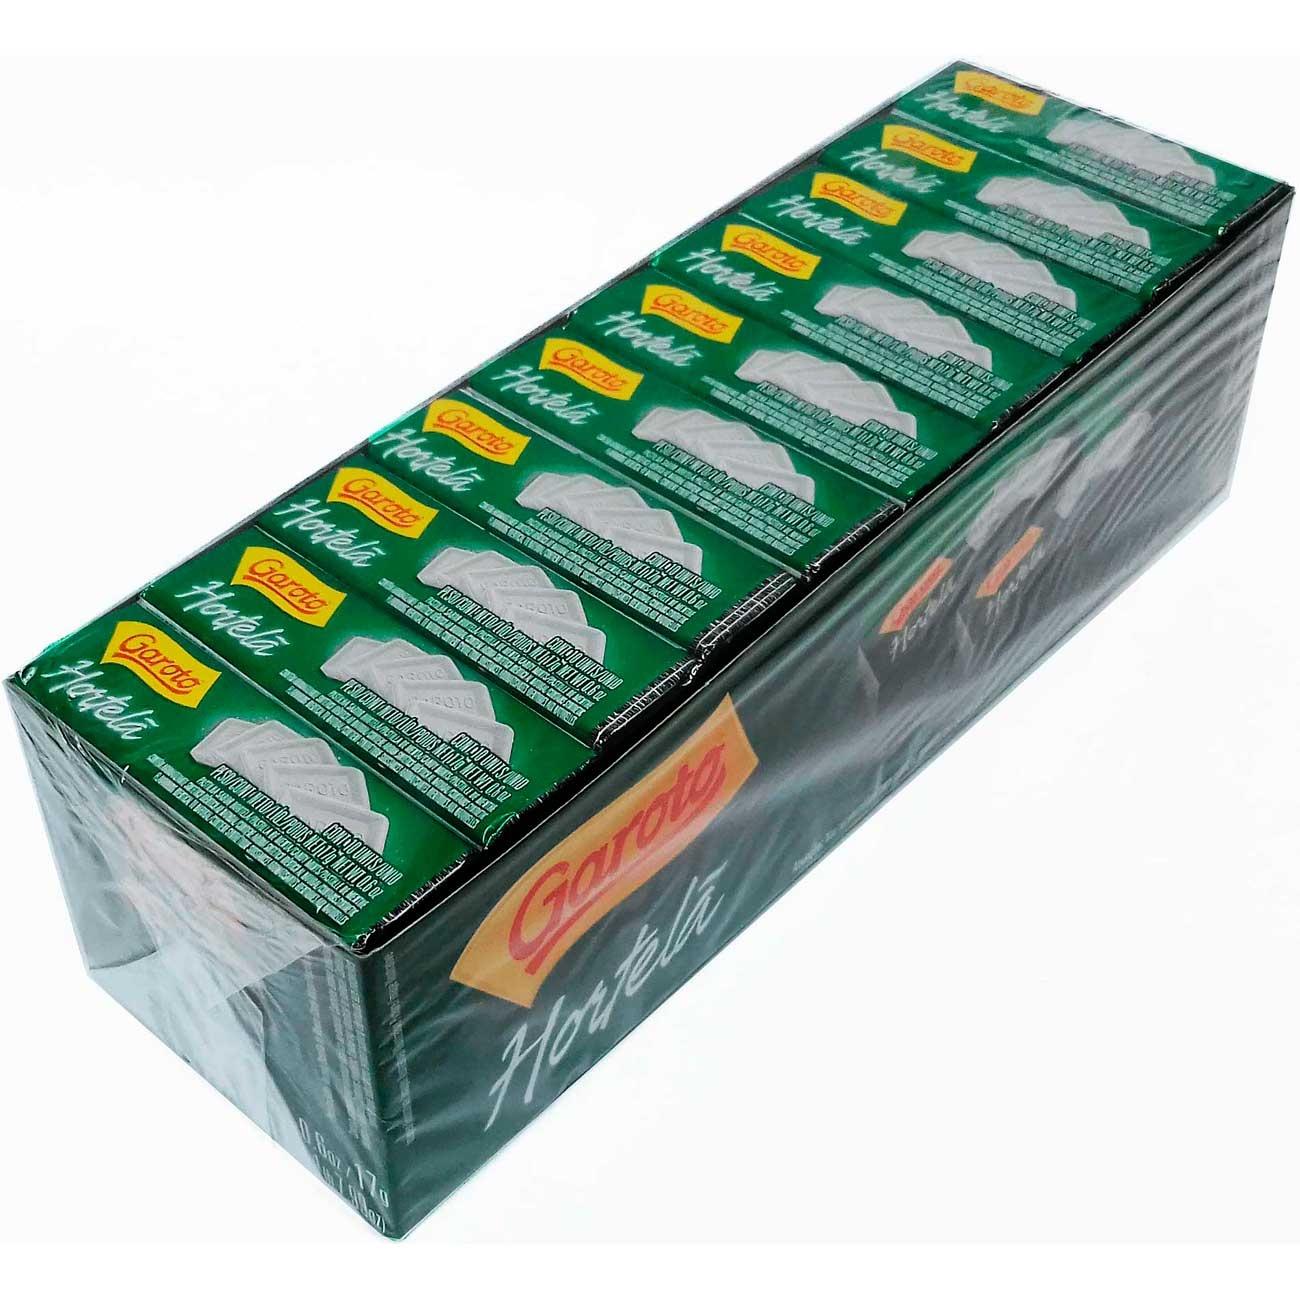 Pastilhas Garoto Hortel� Extra Forte 17g | Caixa com 40 unidades